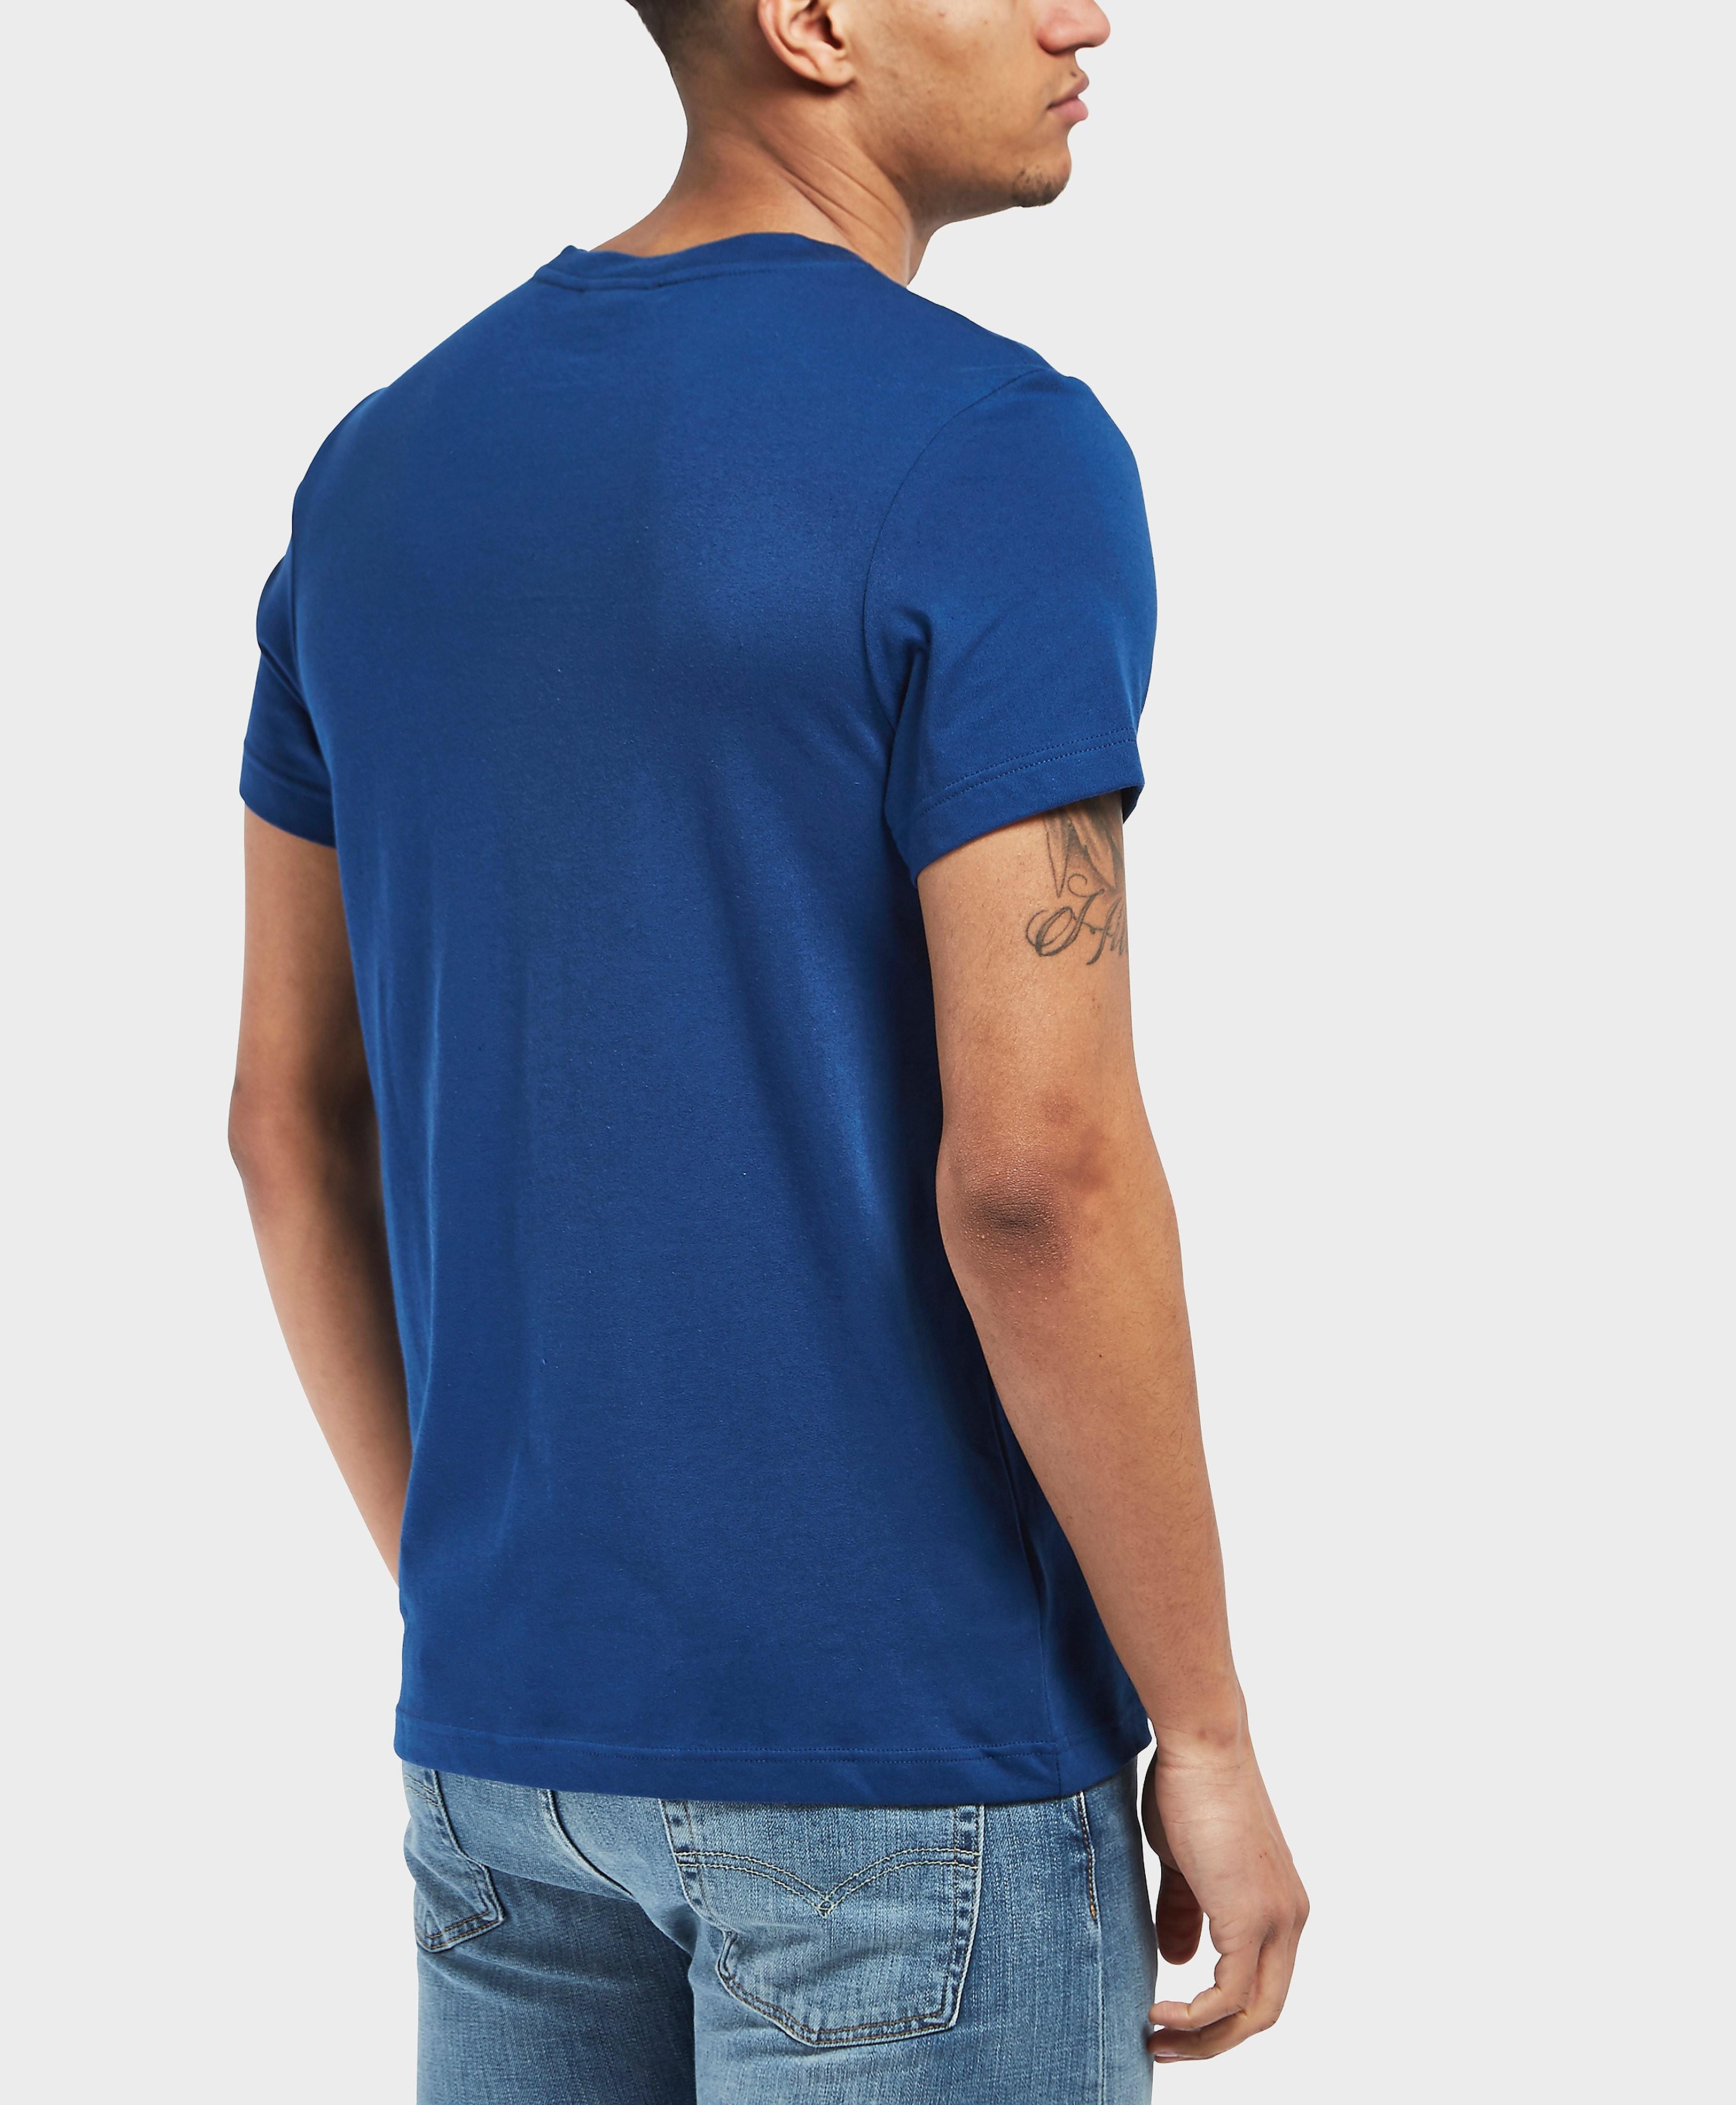 Lacoste Outline Croc Short Sleeve T-Shirt